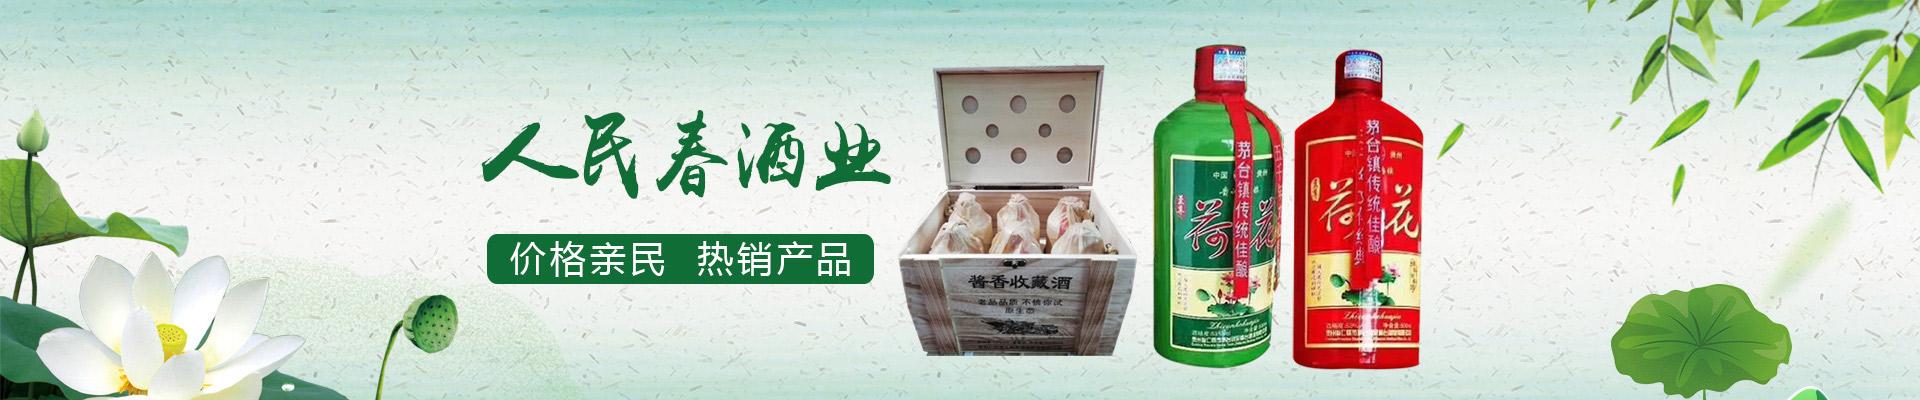 贵州省人民春酒业股份有限公司